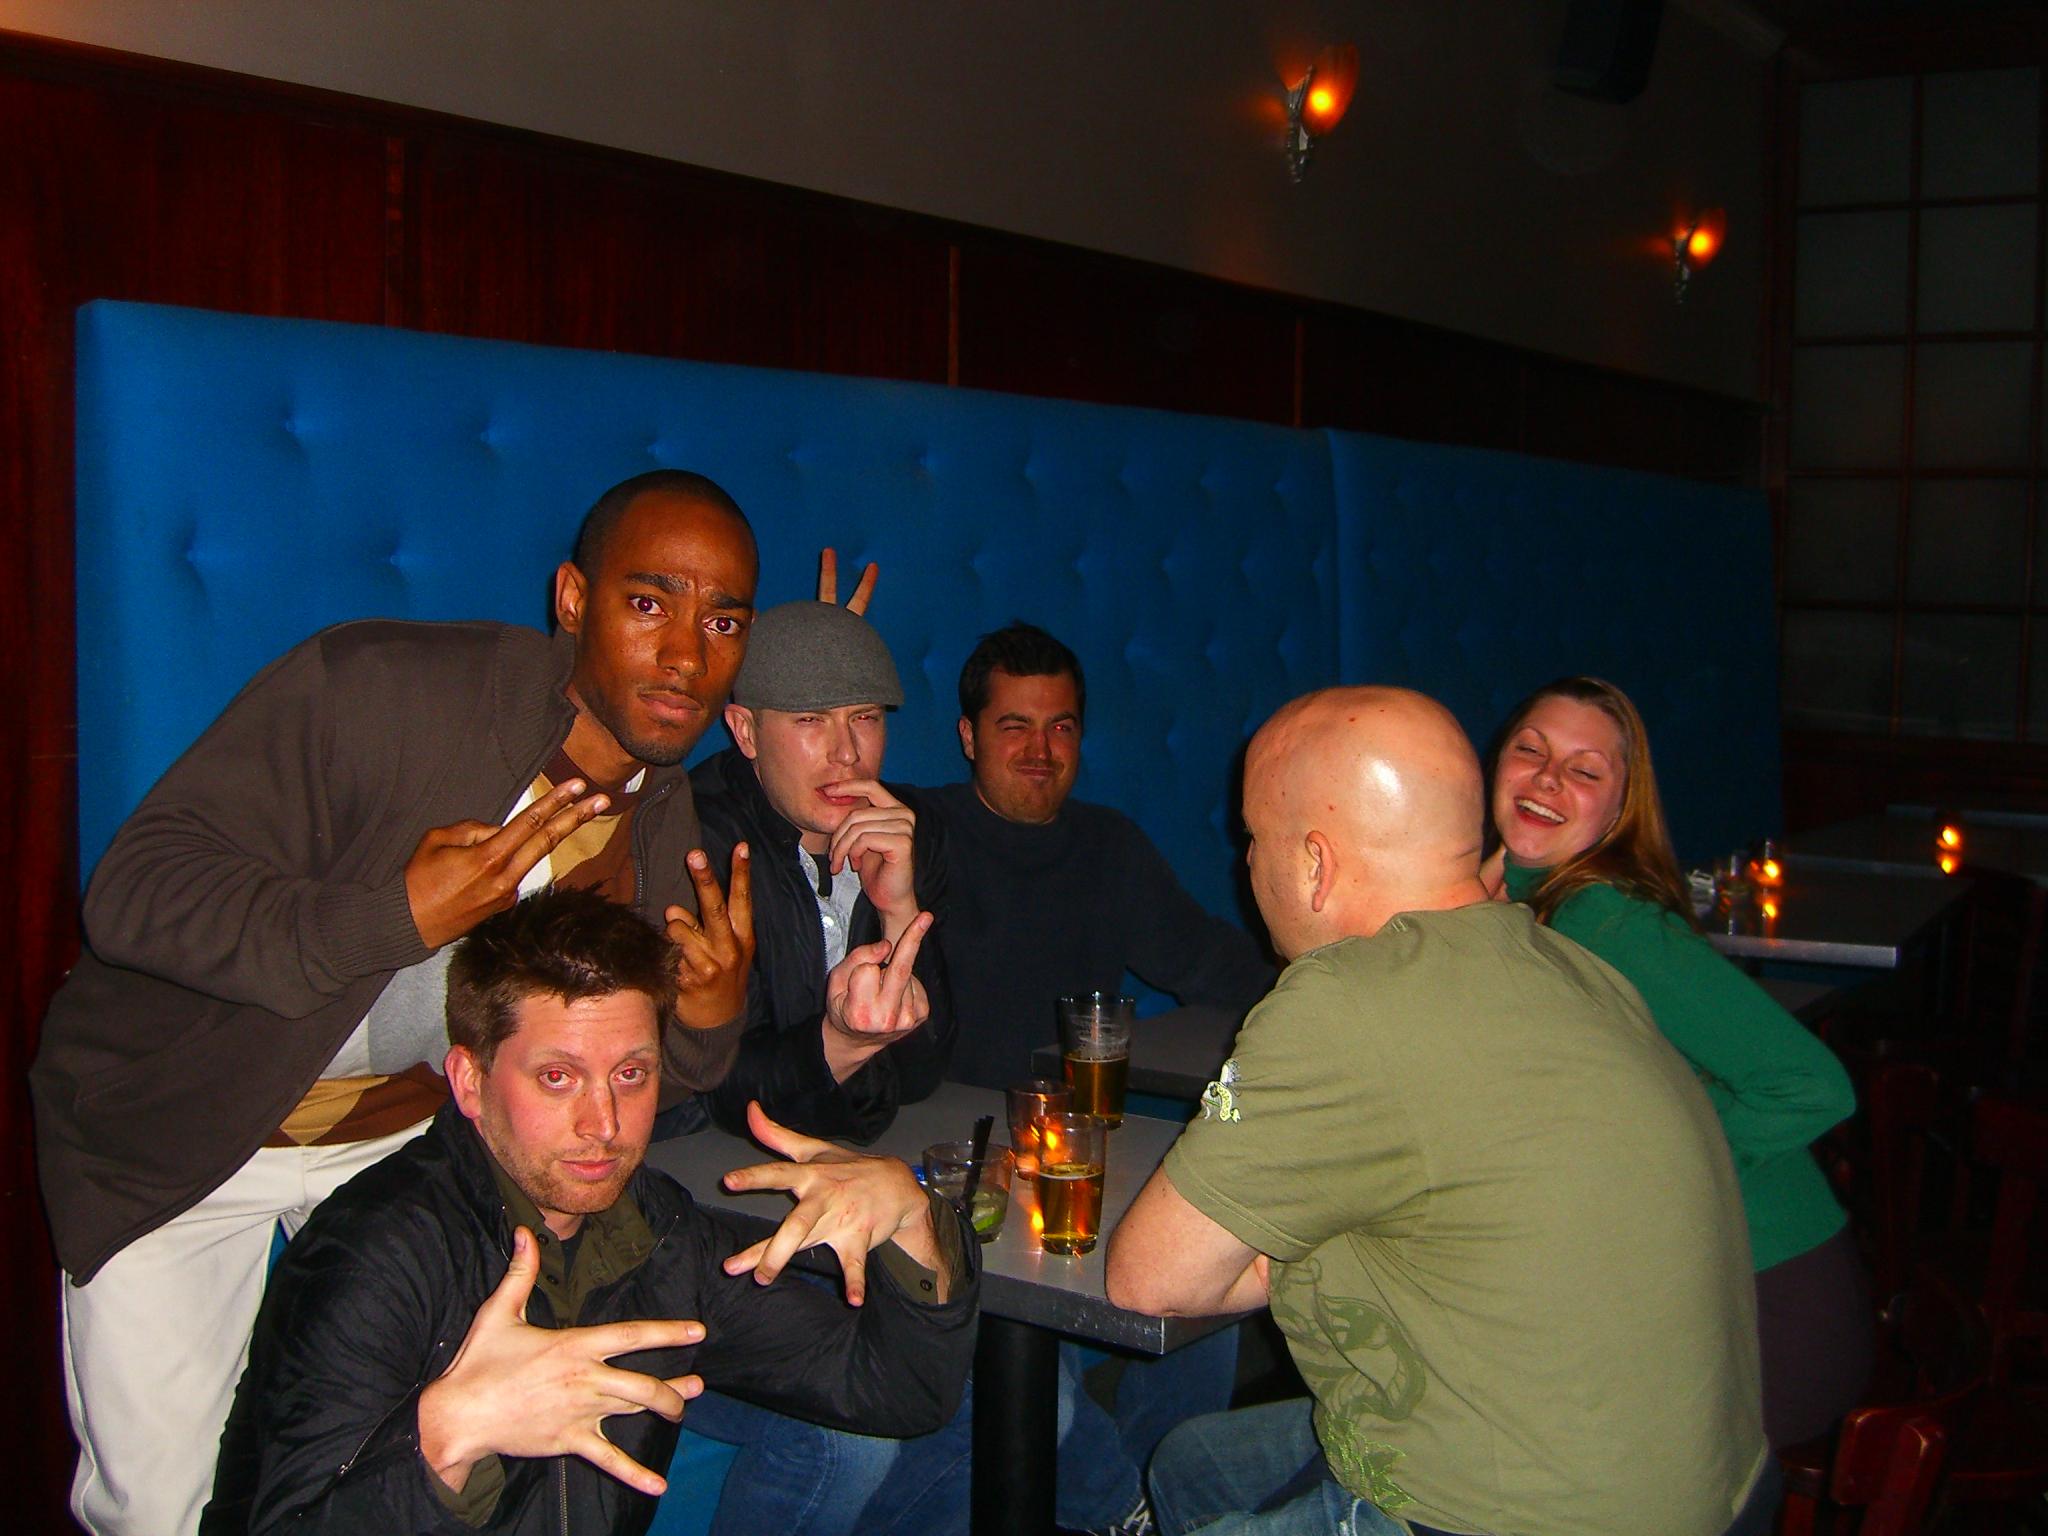 Four_gang_signs%2C_one_middle_finger%2C_and_one_pair_of_bunny_ears Wunderbar Edelstahl Außenleuchten Mit Bewegungsmelder Dekorationen